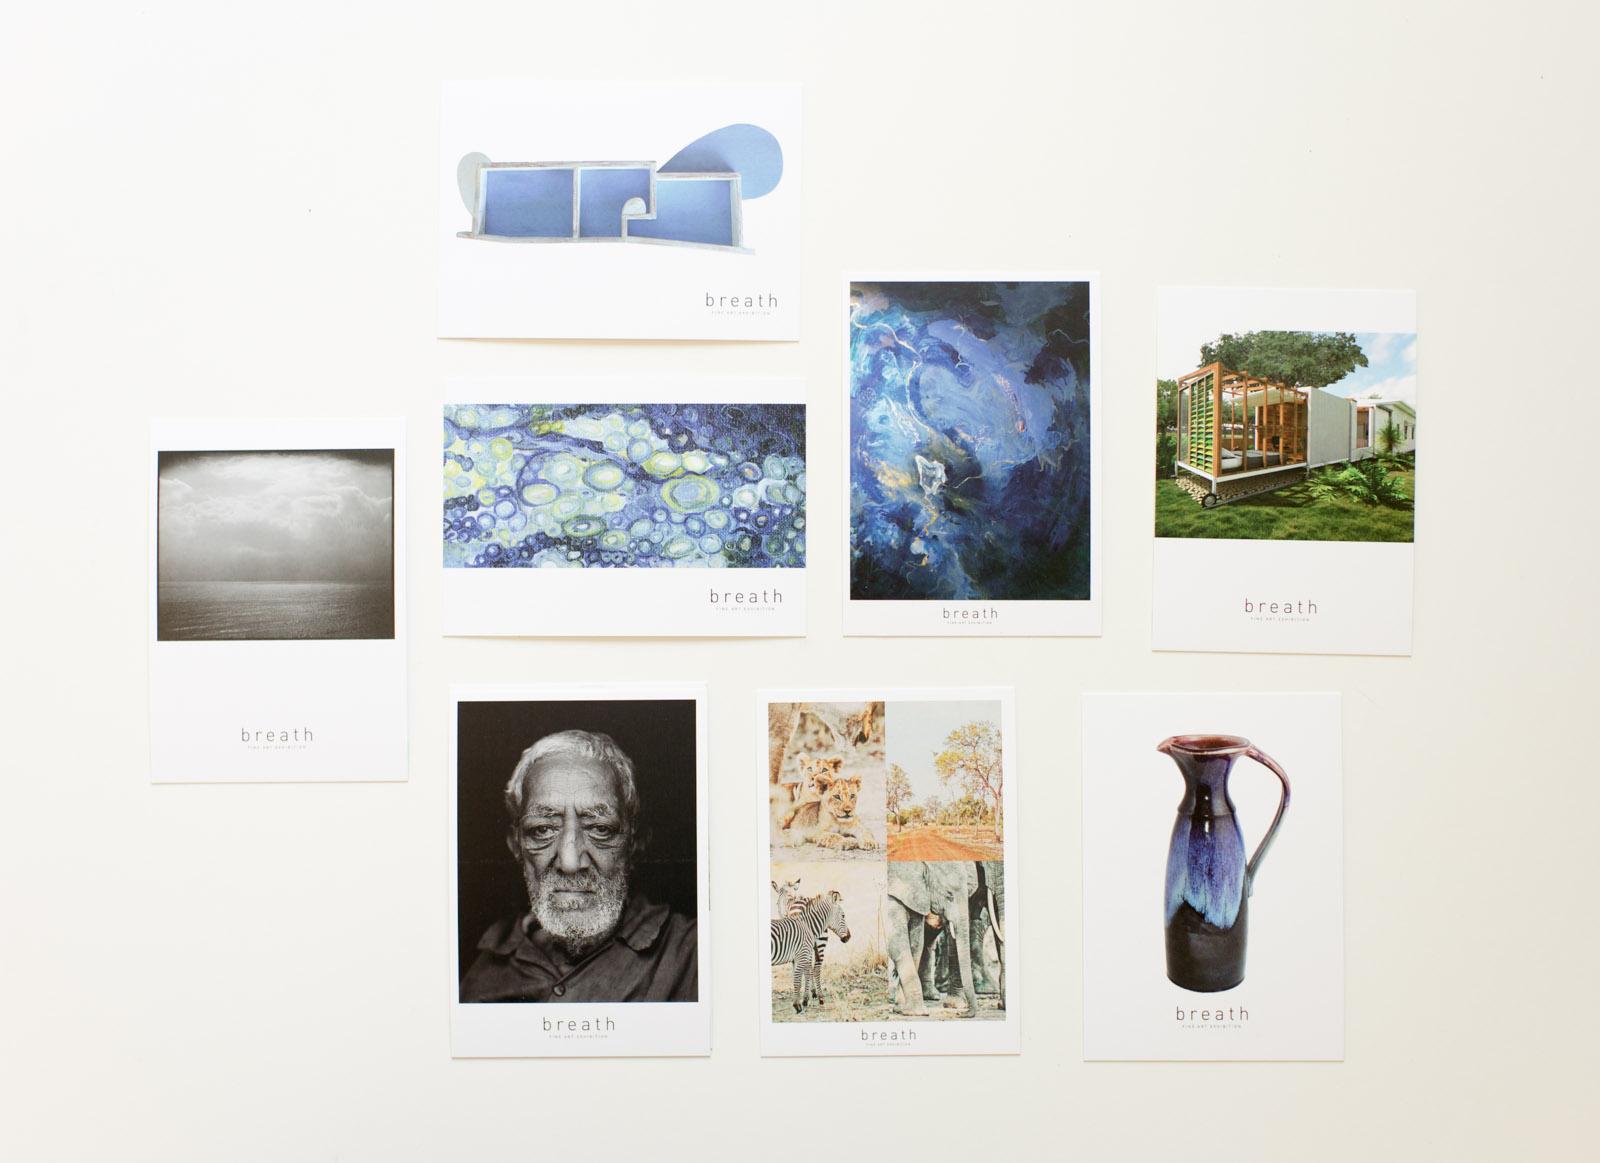 Breath exhibition Joanne Felk Gallery